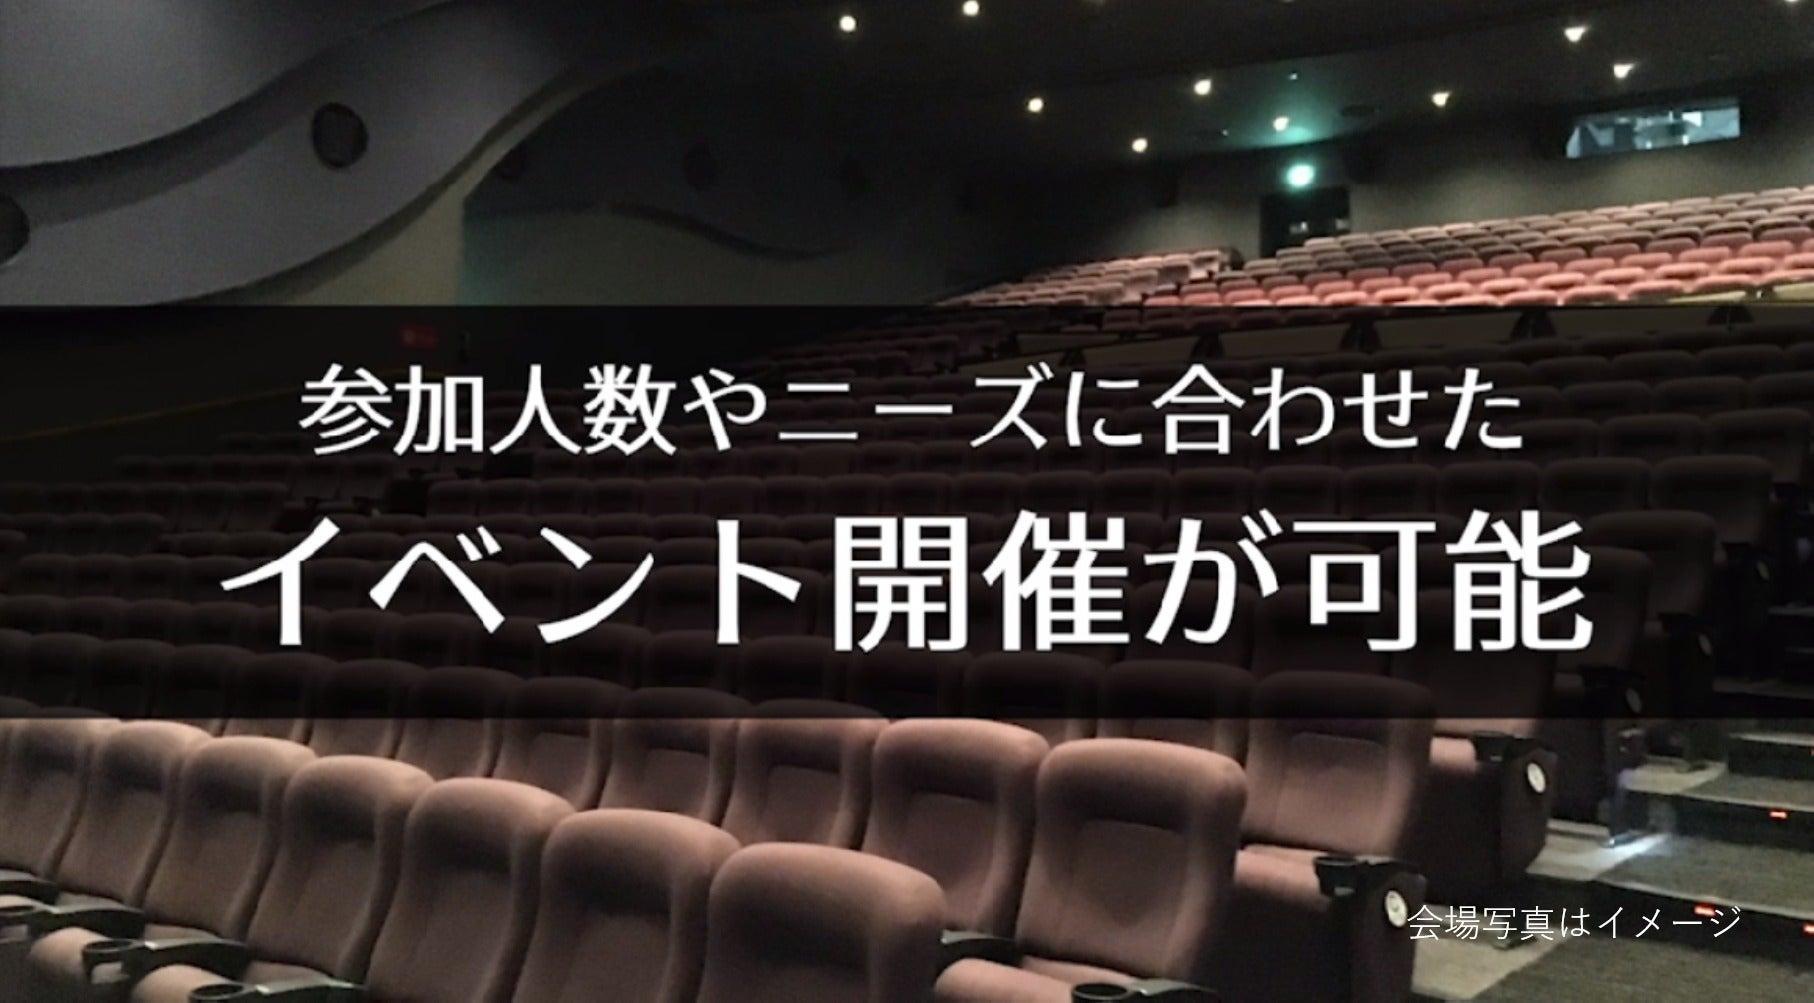 【入間 143席】映画館で、会社説明会、株主総会、講演会の企画はいかがですか?(ユナイテッド・シネマ入間) の写真0